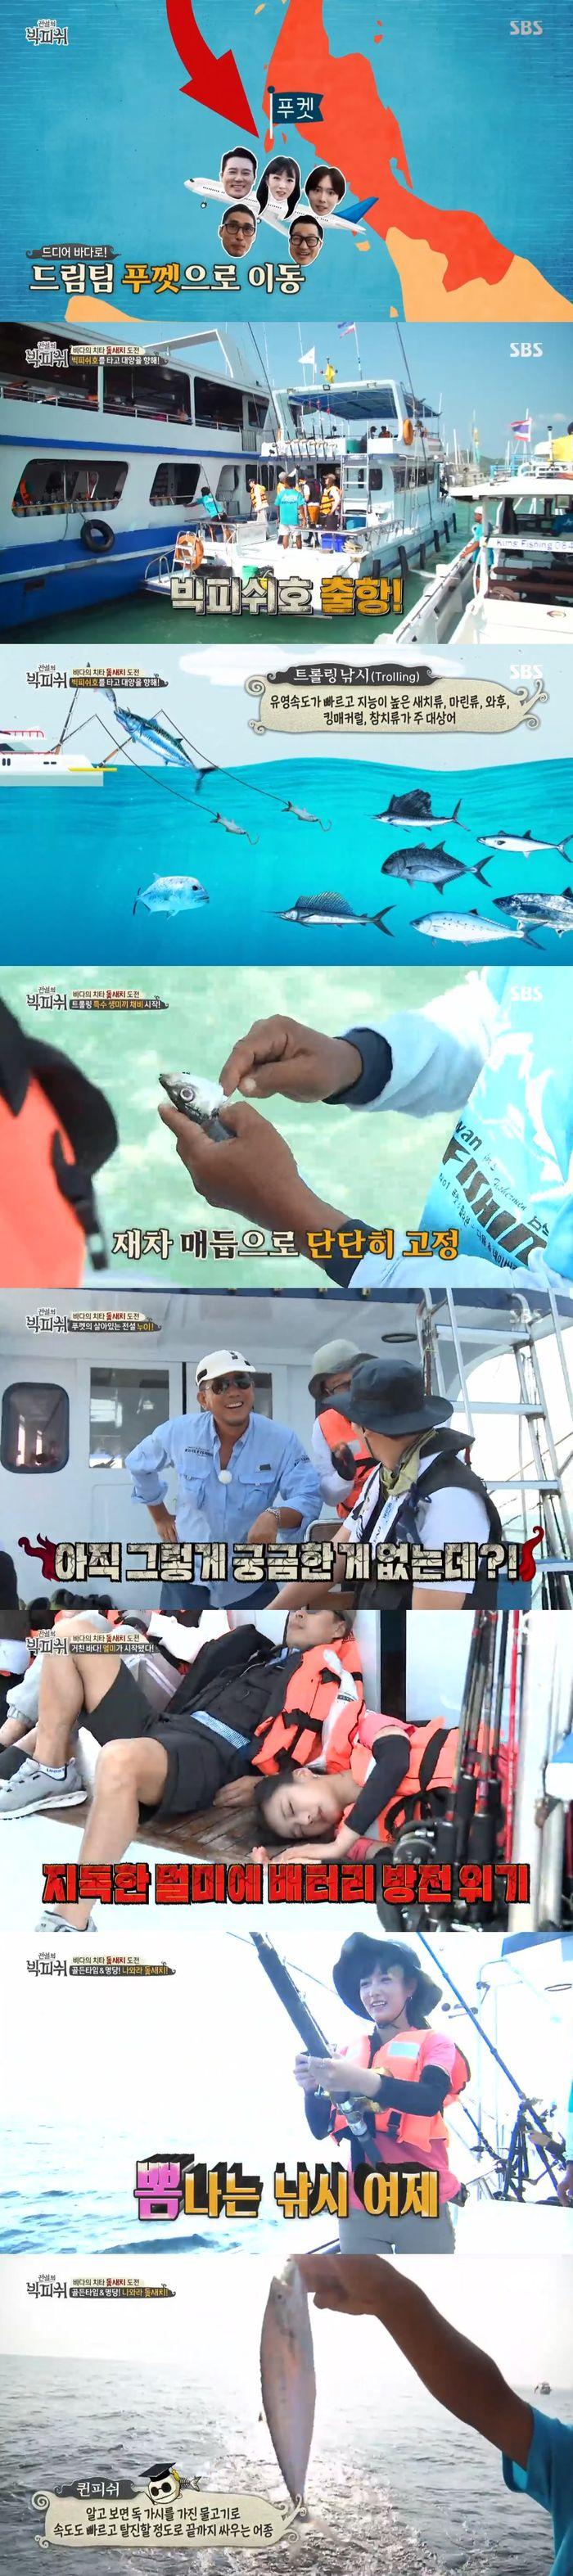 [스브스夜] '전설의 빅피쉬' 윤보미·김진우, 푸켓 바다에서 '퀸피쉬' 낚시 성공